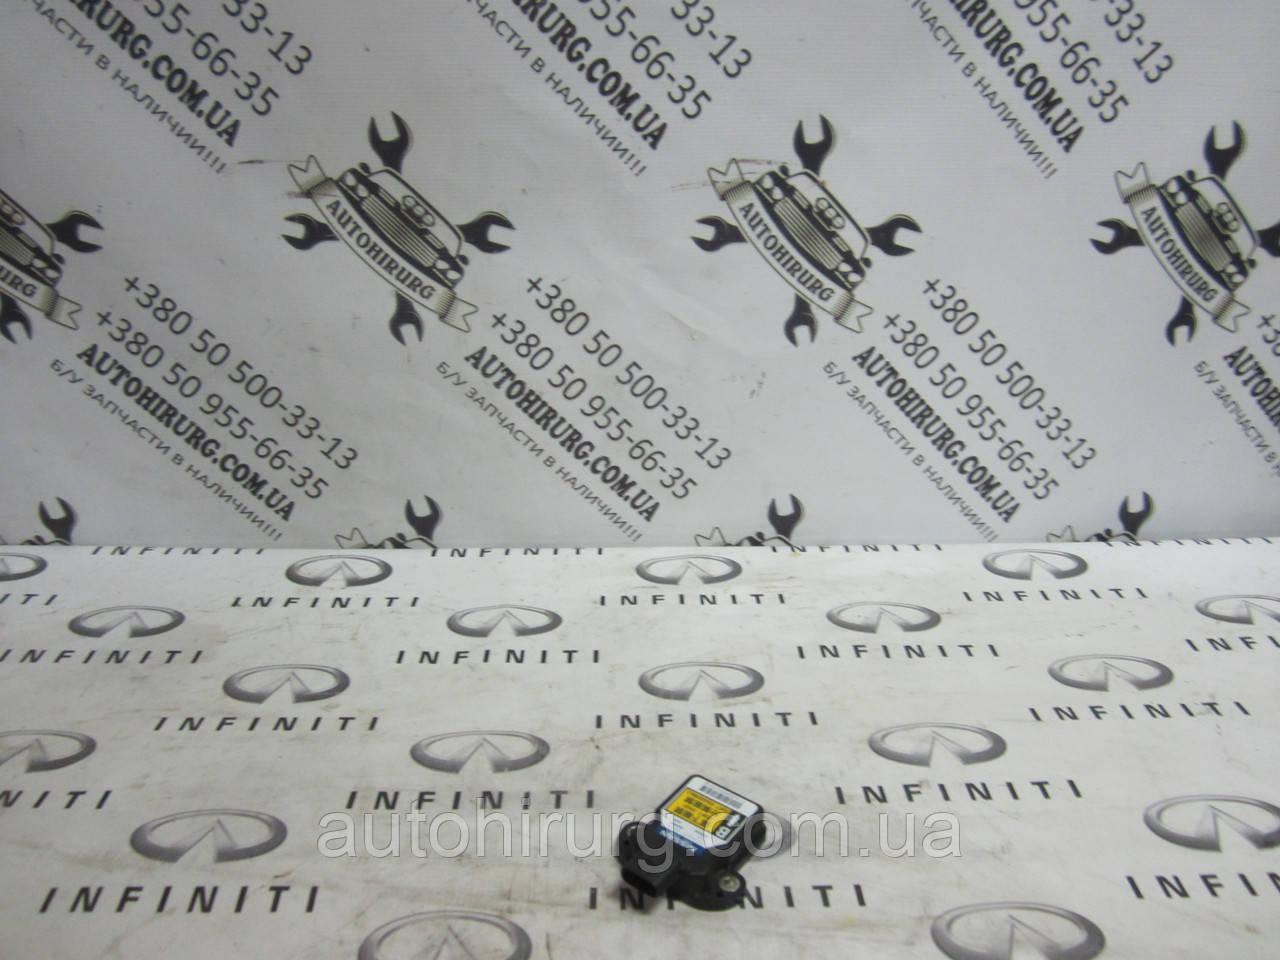 Датчик ускорения Infiniti Qx56 / Qx80 - Z62 (47931-3JA0B / 174500-6520), фото 1